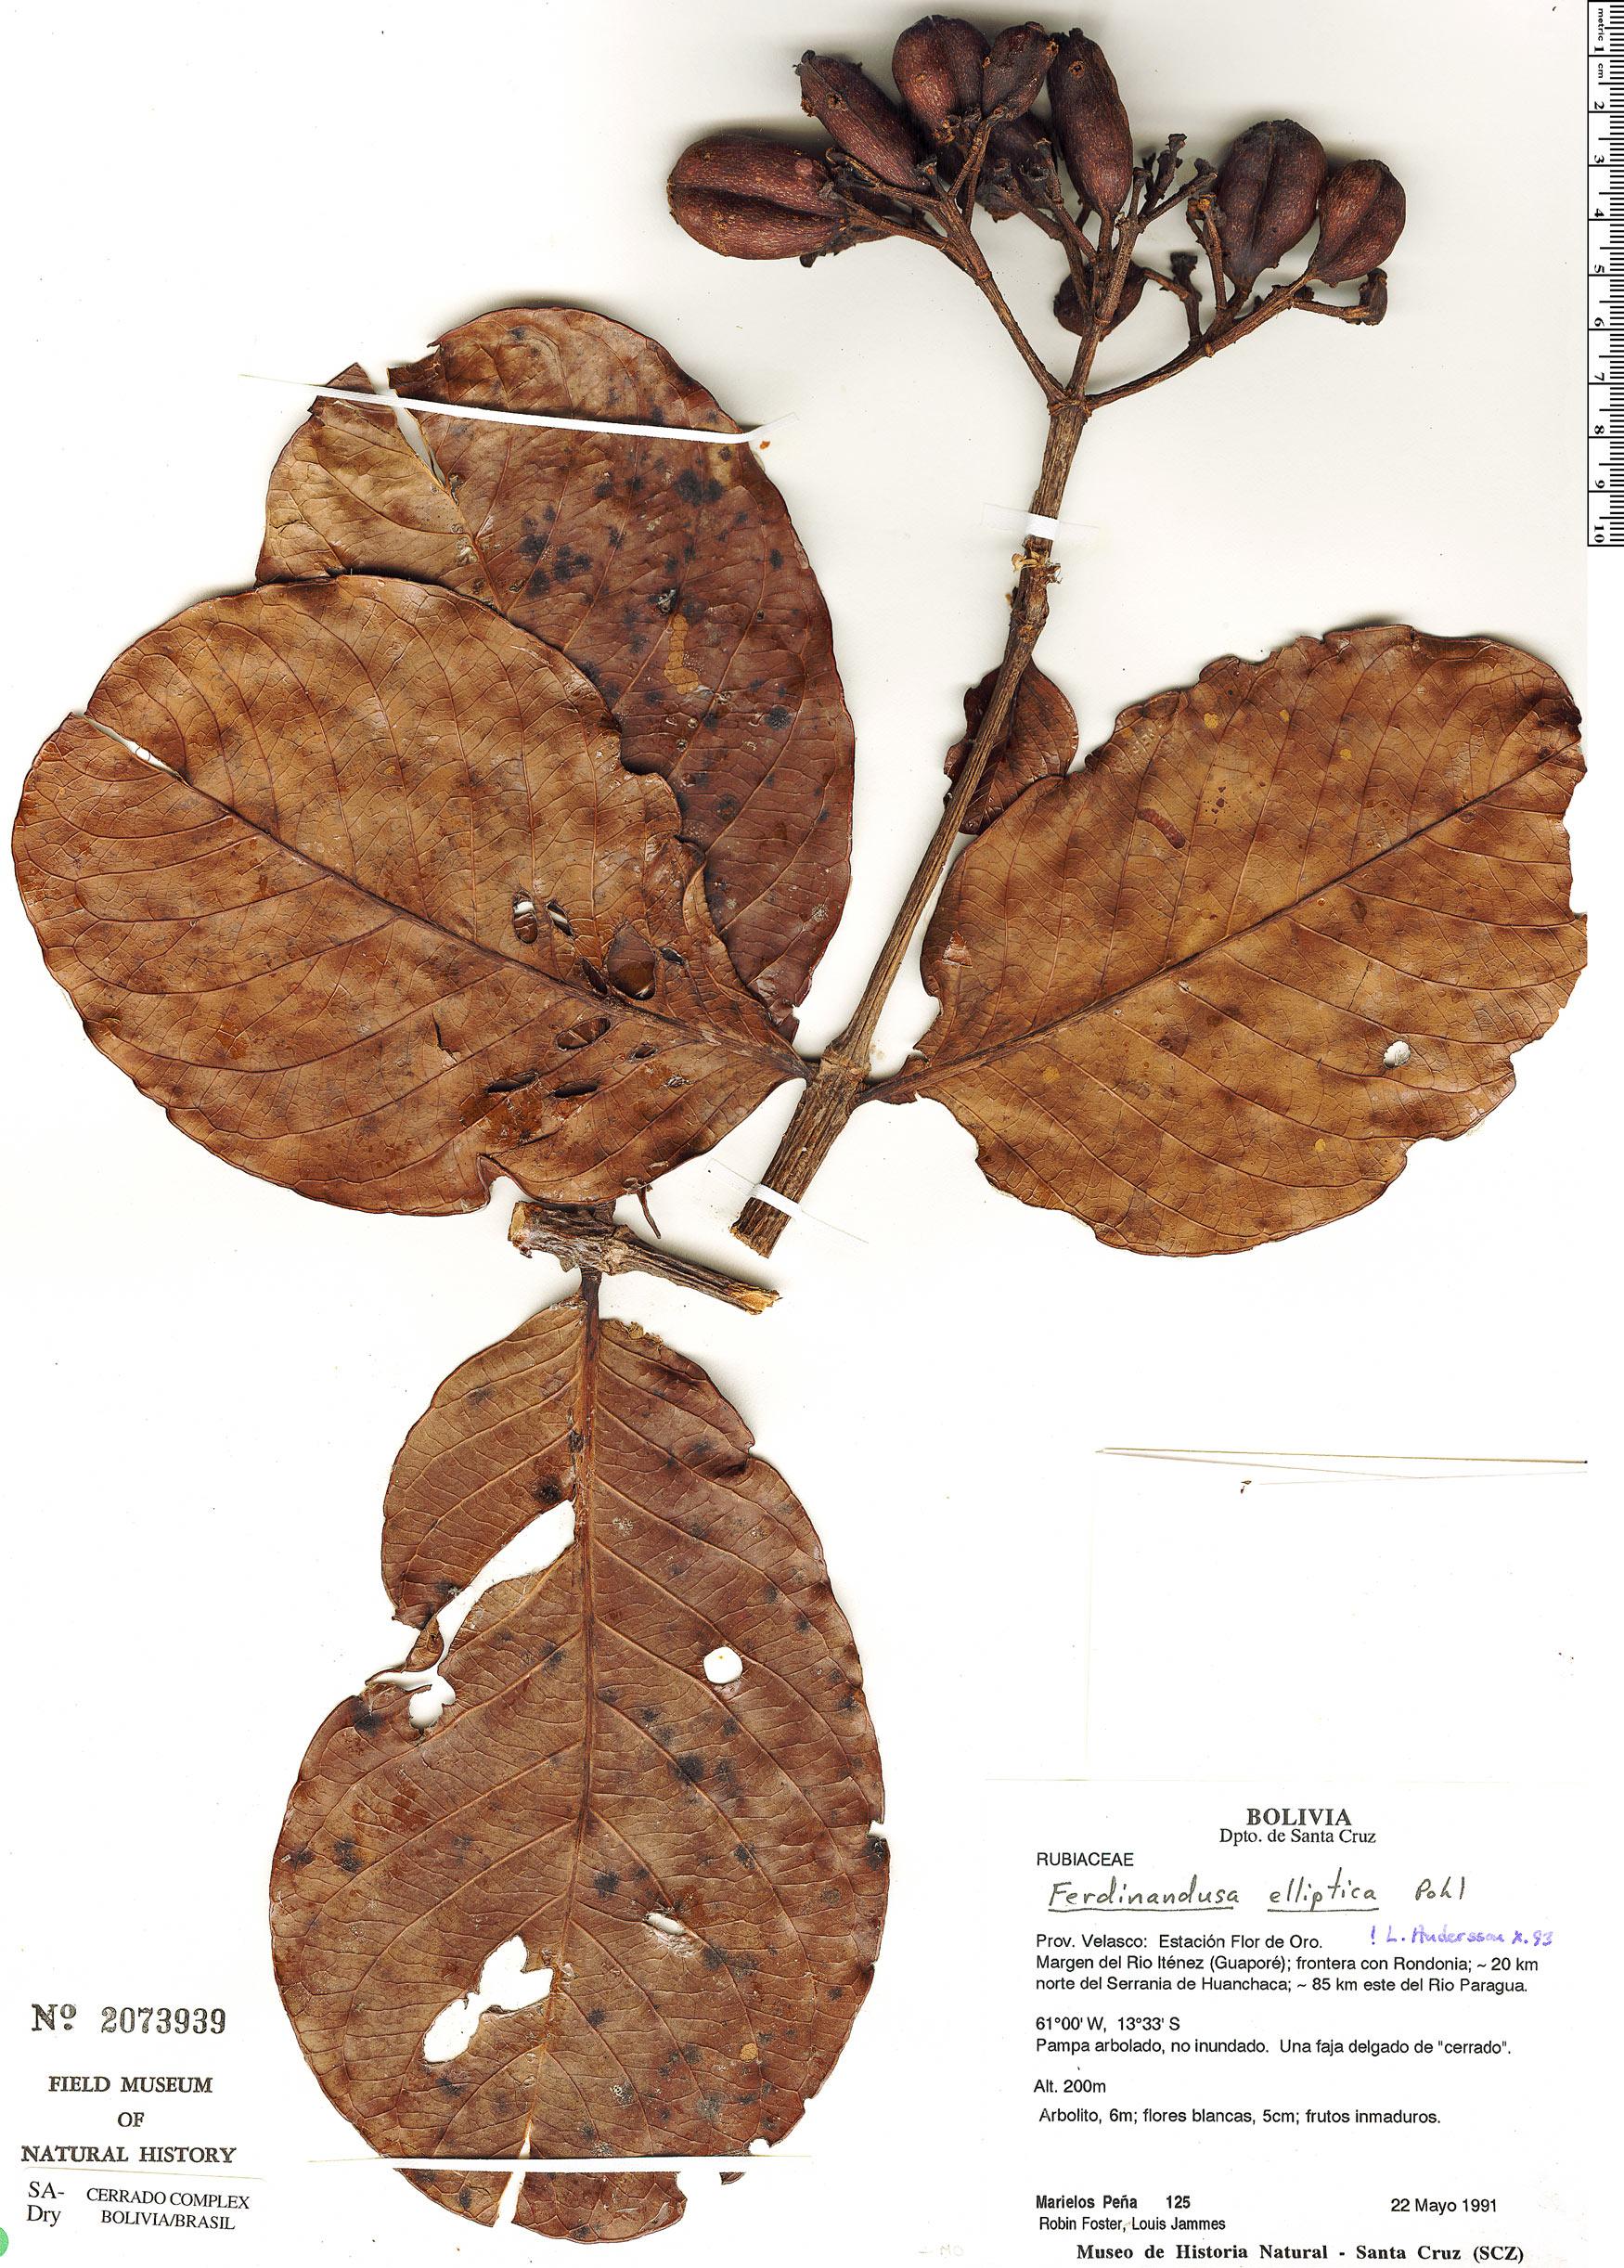 Specimen: Ferdinandusa elliptica